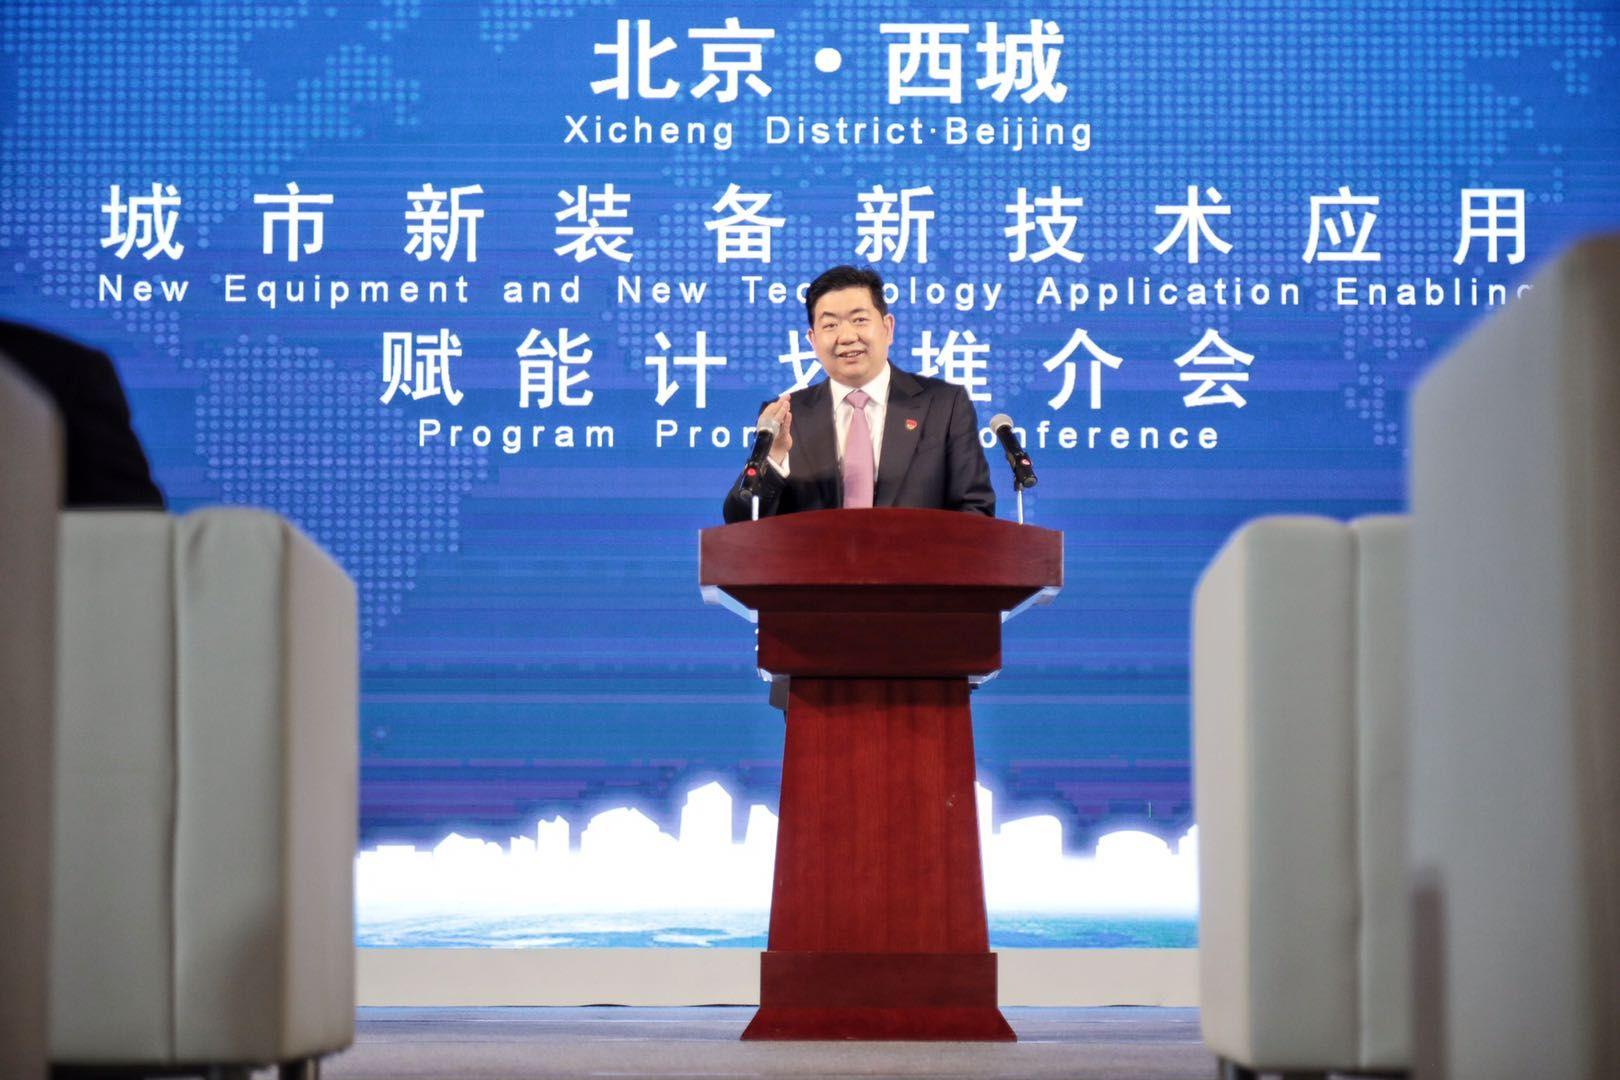 國慶北京首賊大興落網 身藏6部手機數張銀行卡